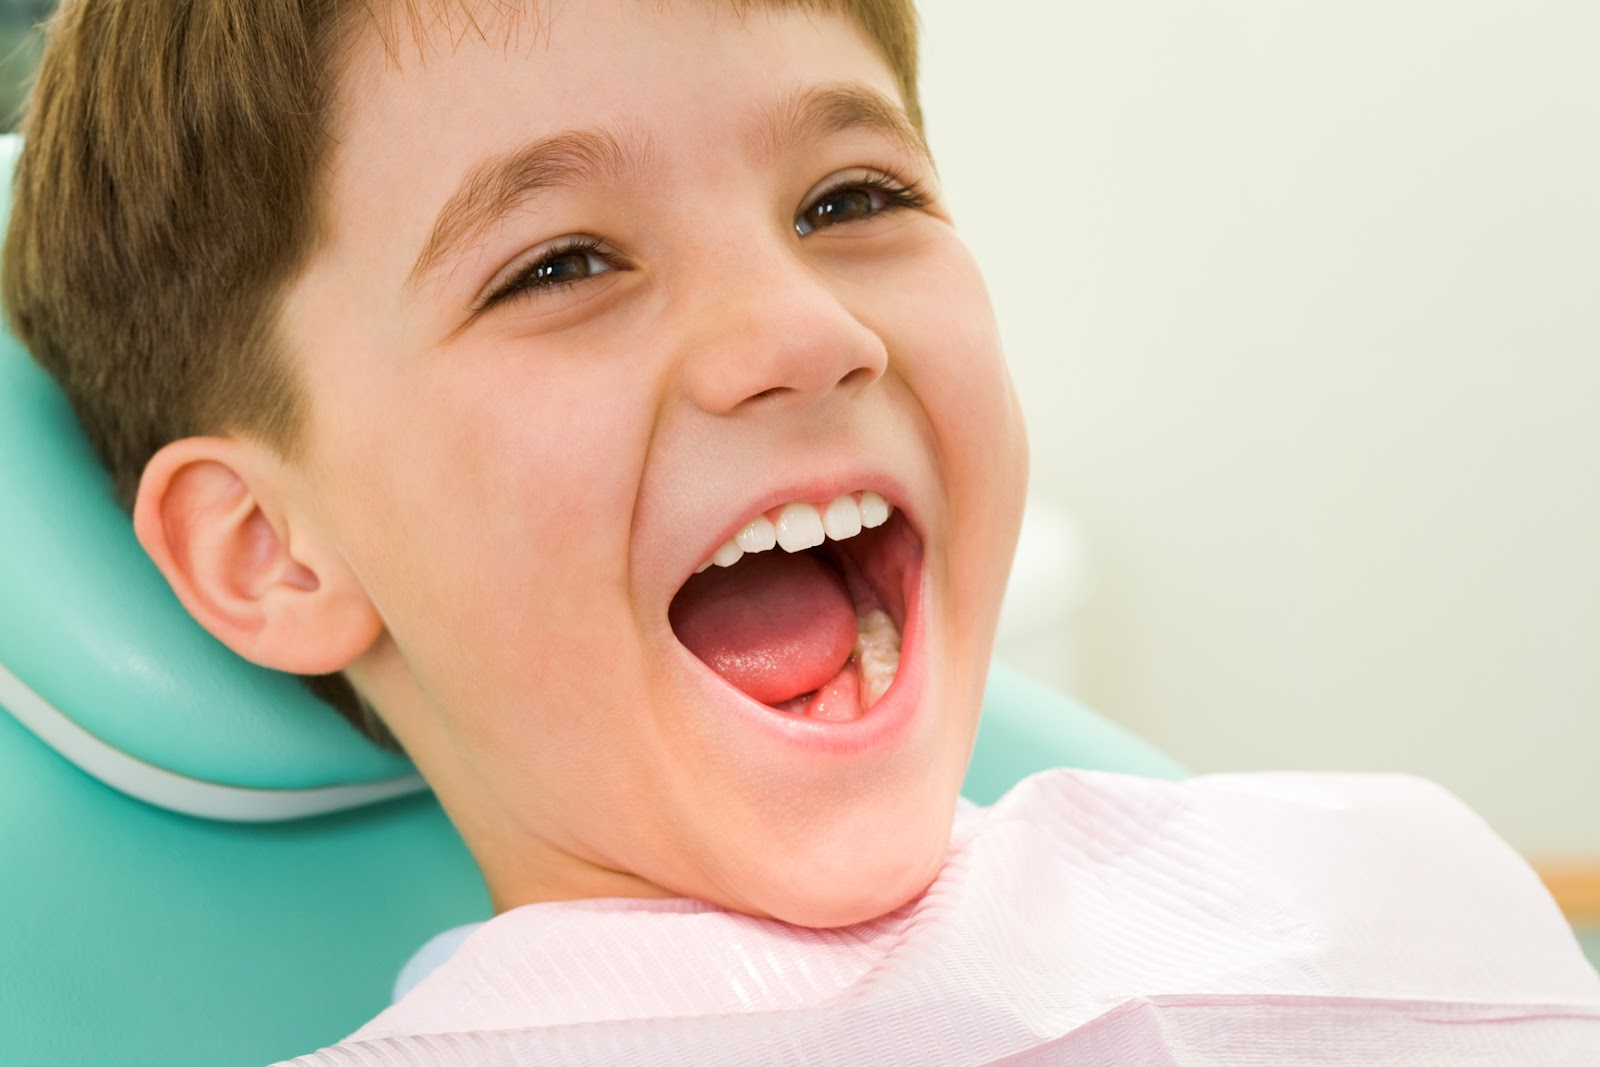 Trám răng bao nhiêu tiền và trám răng rẻ nhất ở đâu?